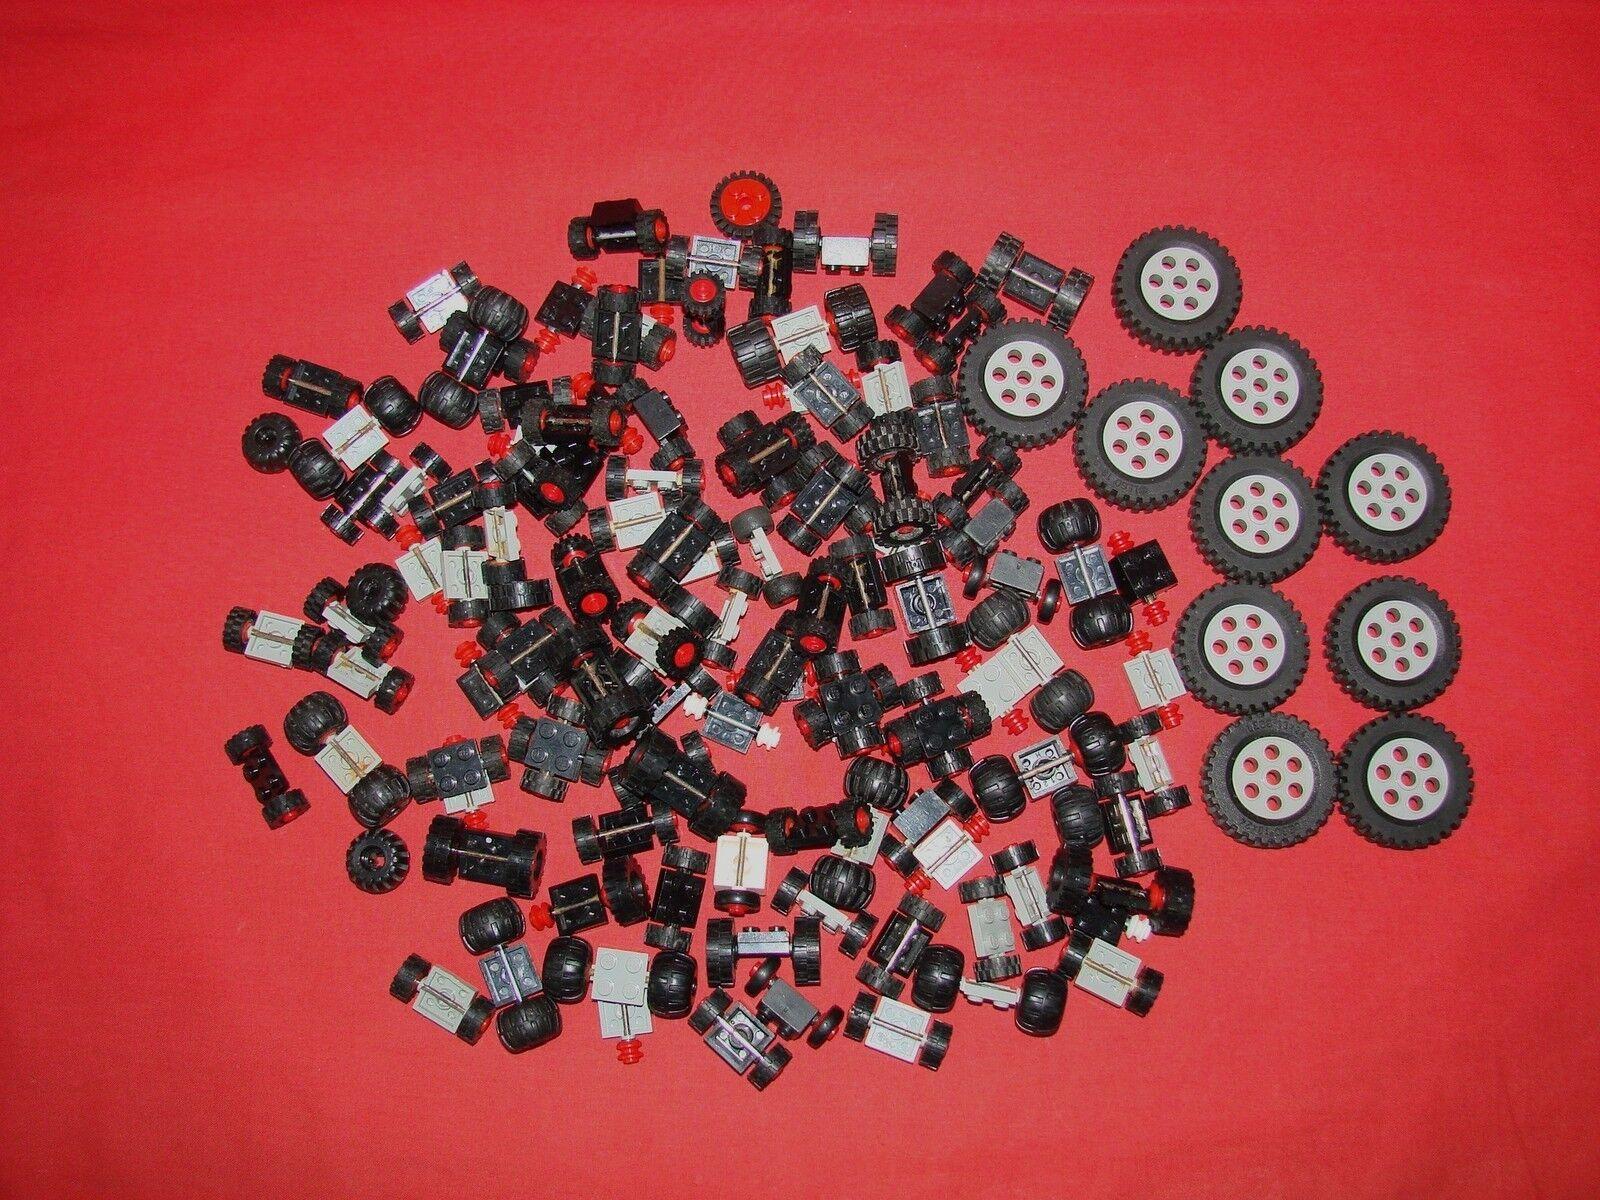 LEGO LOT DE VRAC DE ROUES PIECES DIVERS / JOUET